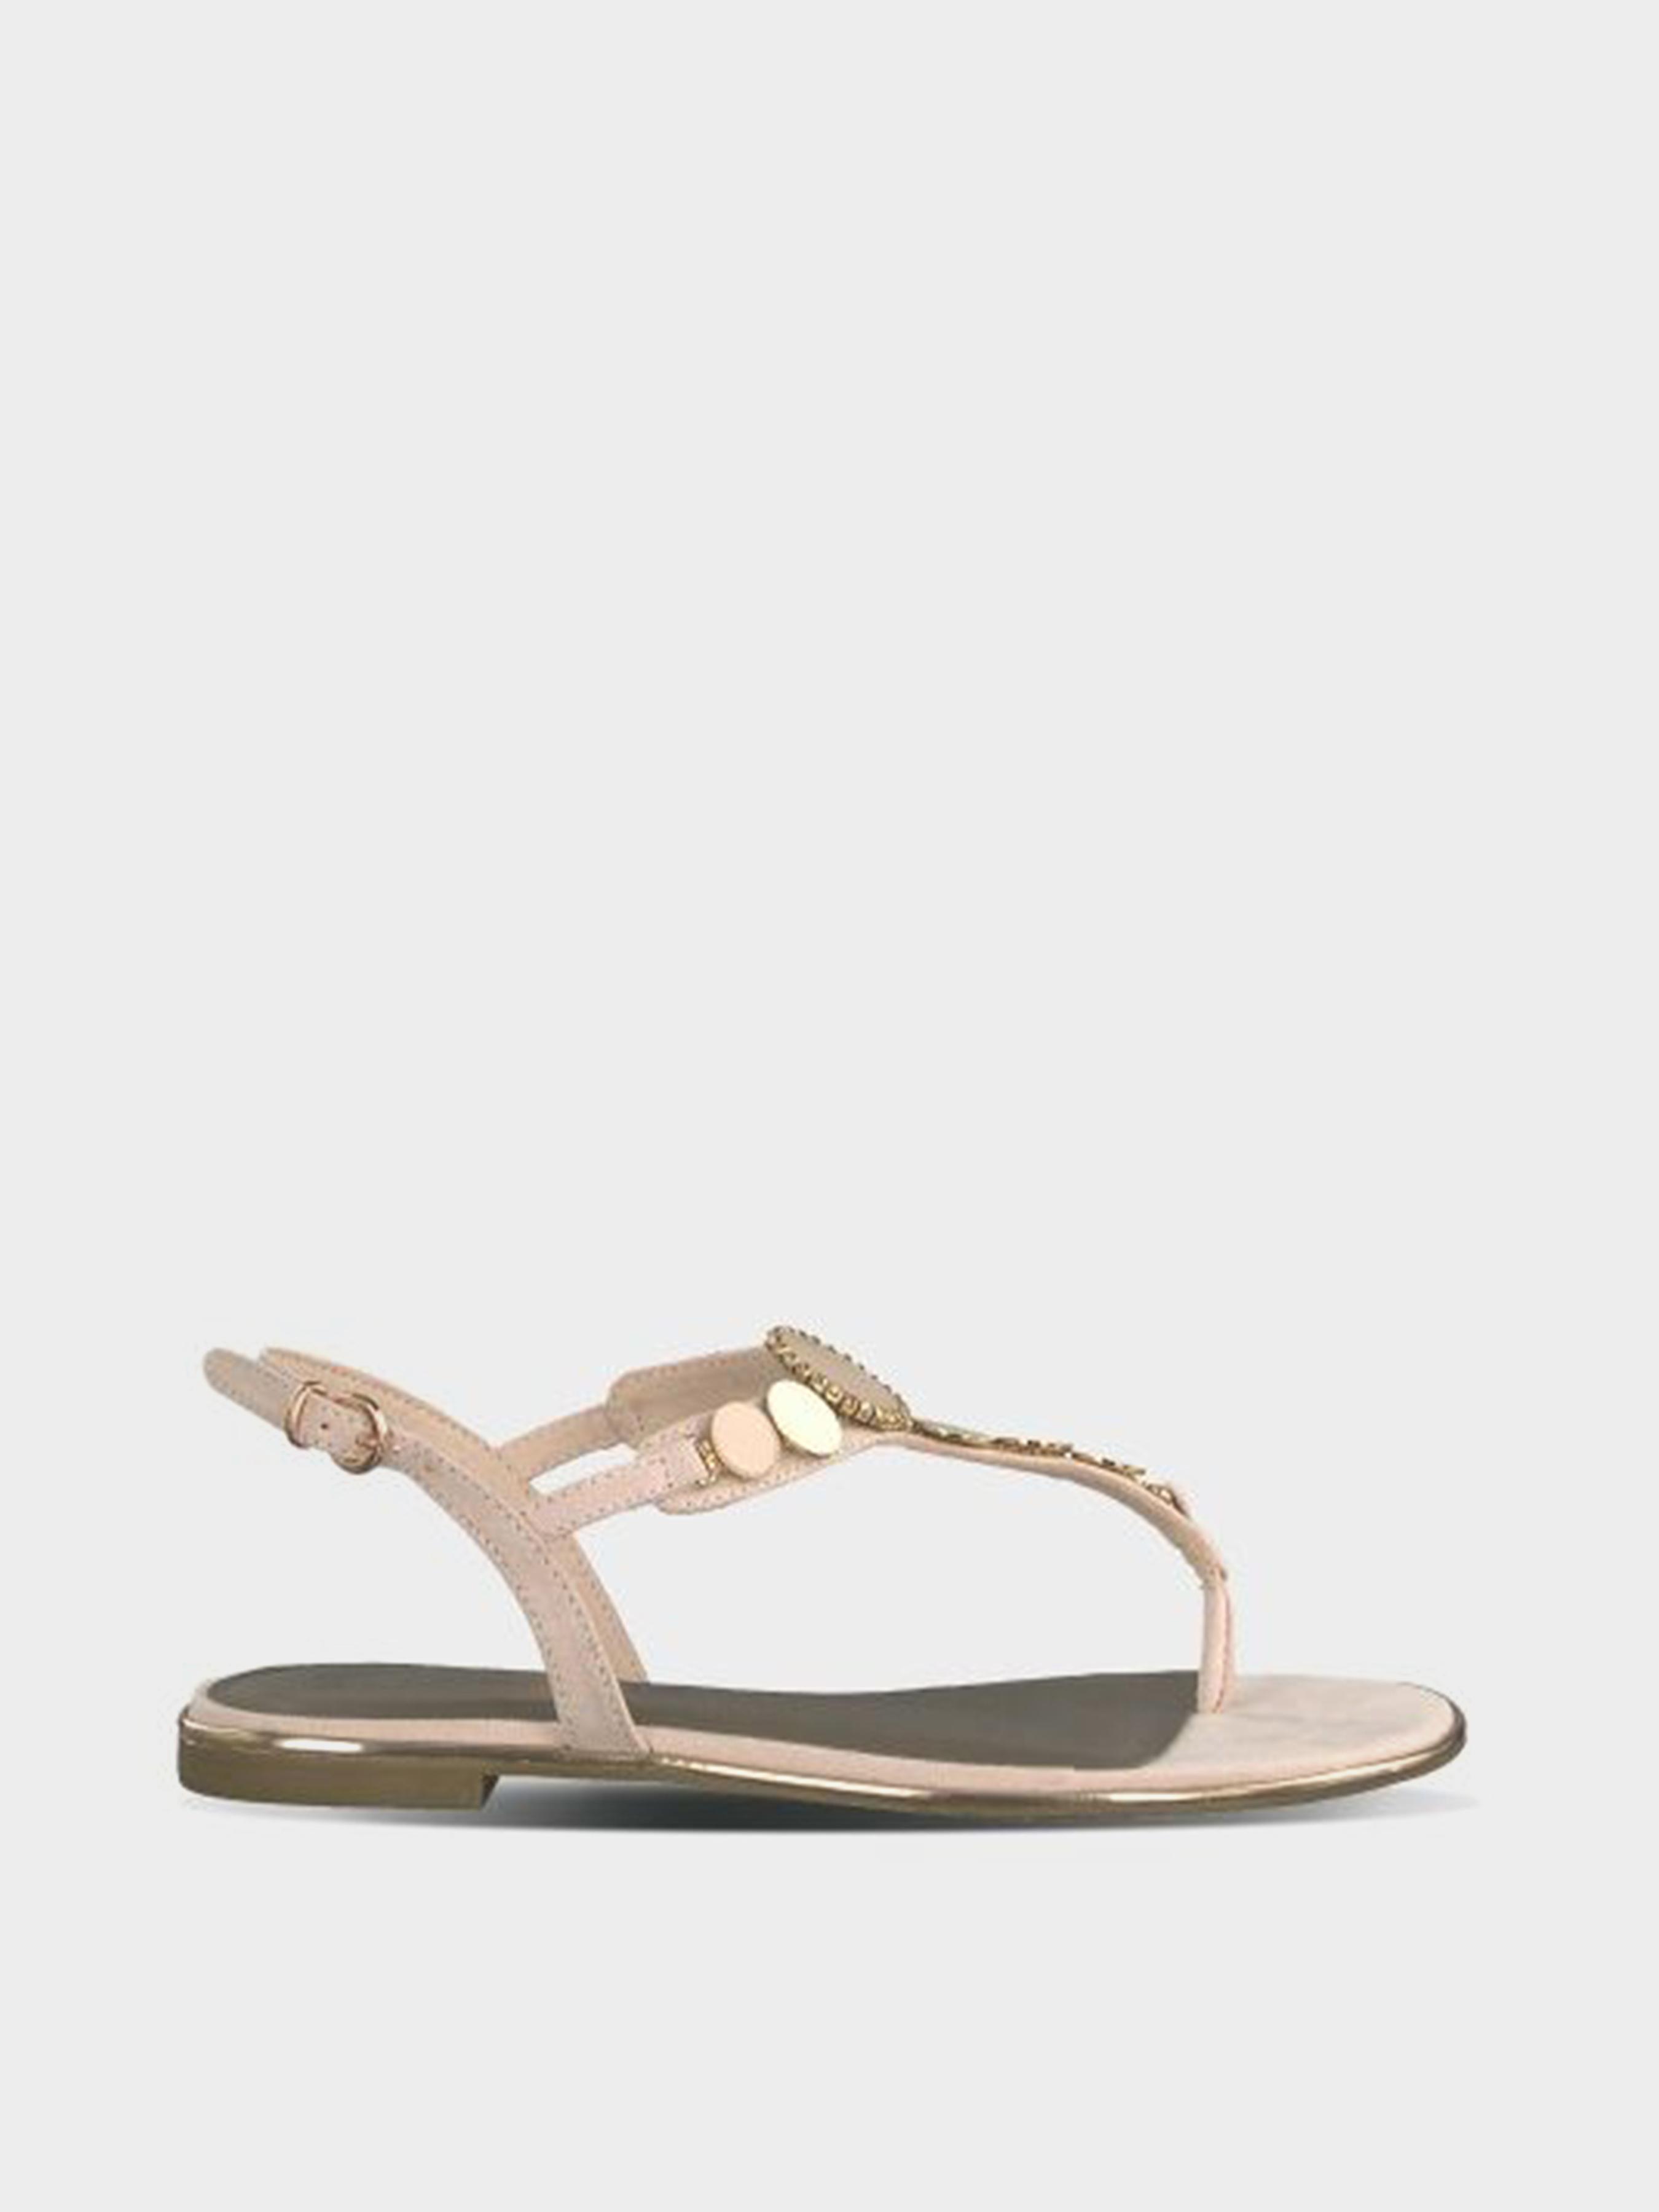 Сандалии для женщин Tamaris IS564 размерная сетка обуви, 2017